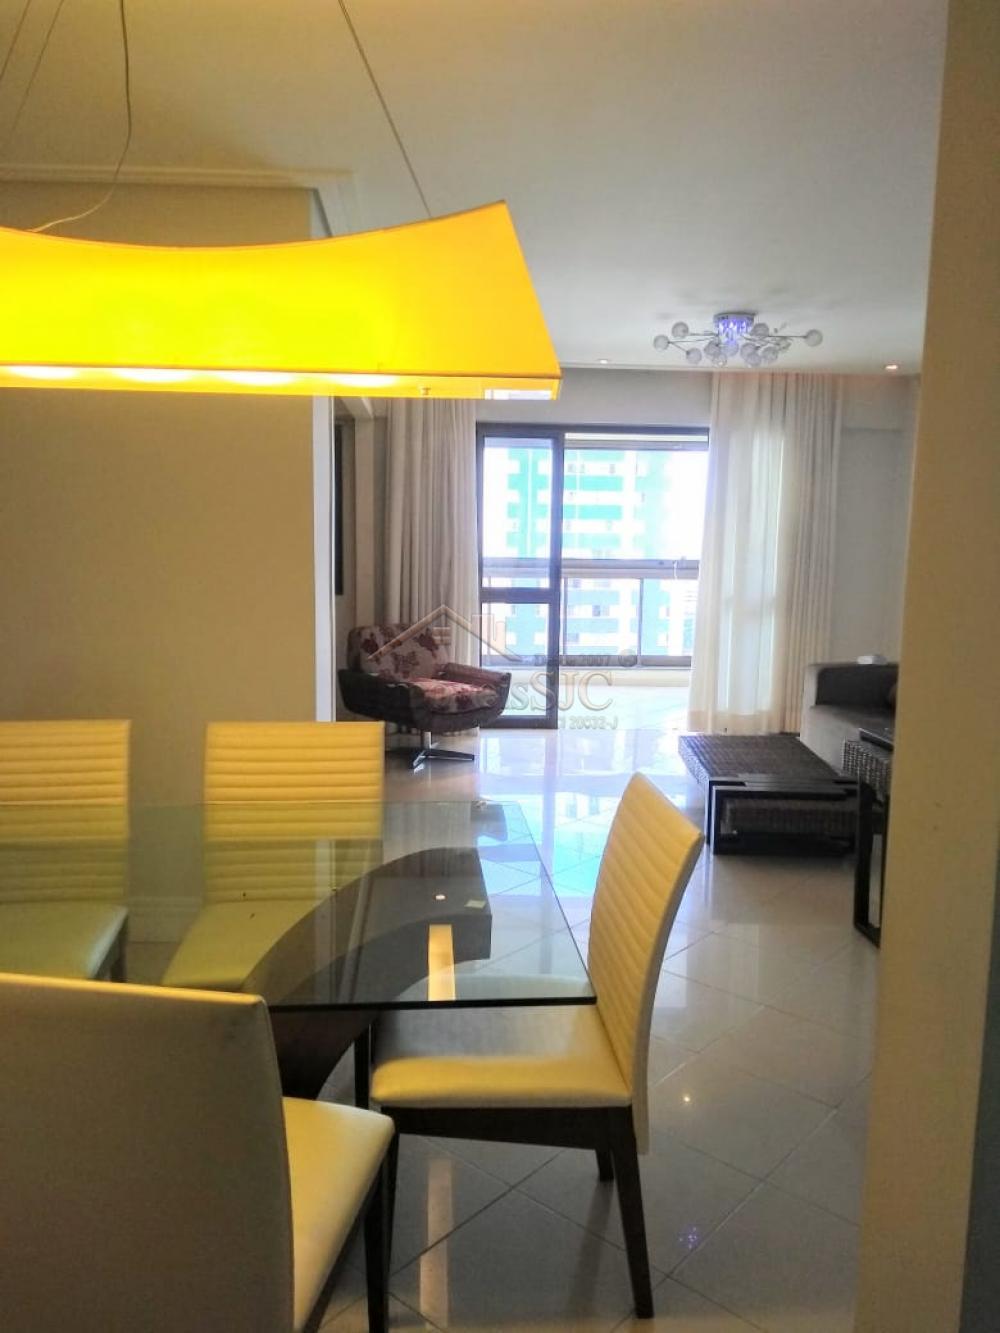 Comprar Apartamentos / Padrão em São José dos Campos apenas R$ 880.000,00 - Foto 9